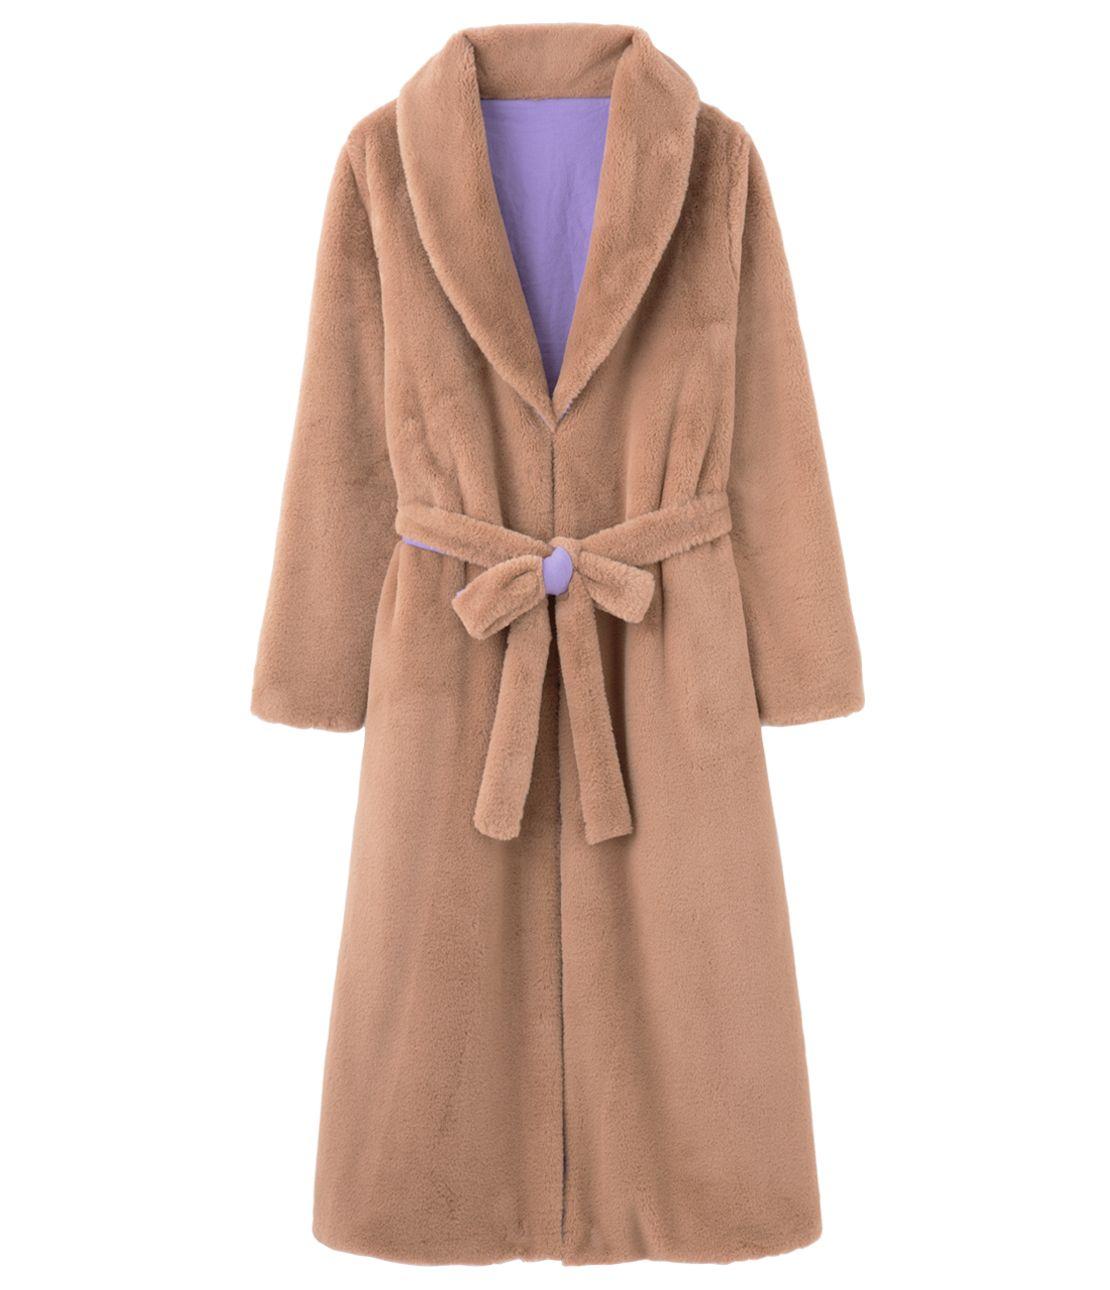 可逆的生态皮草大衣长袍